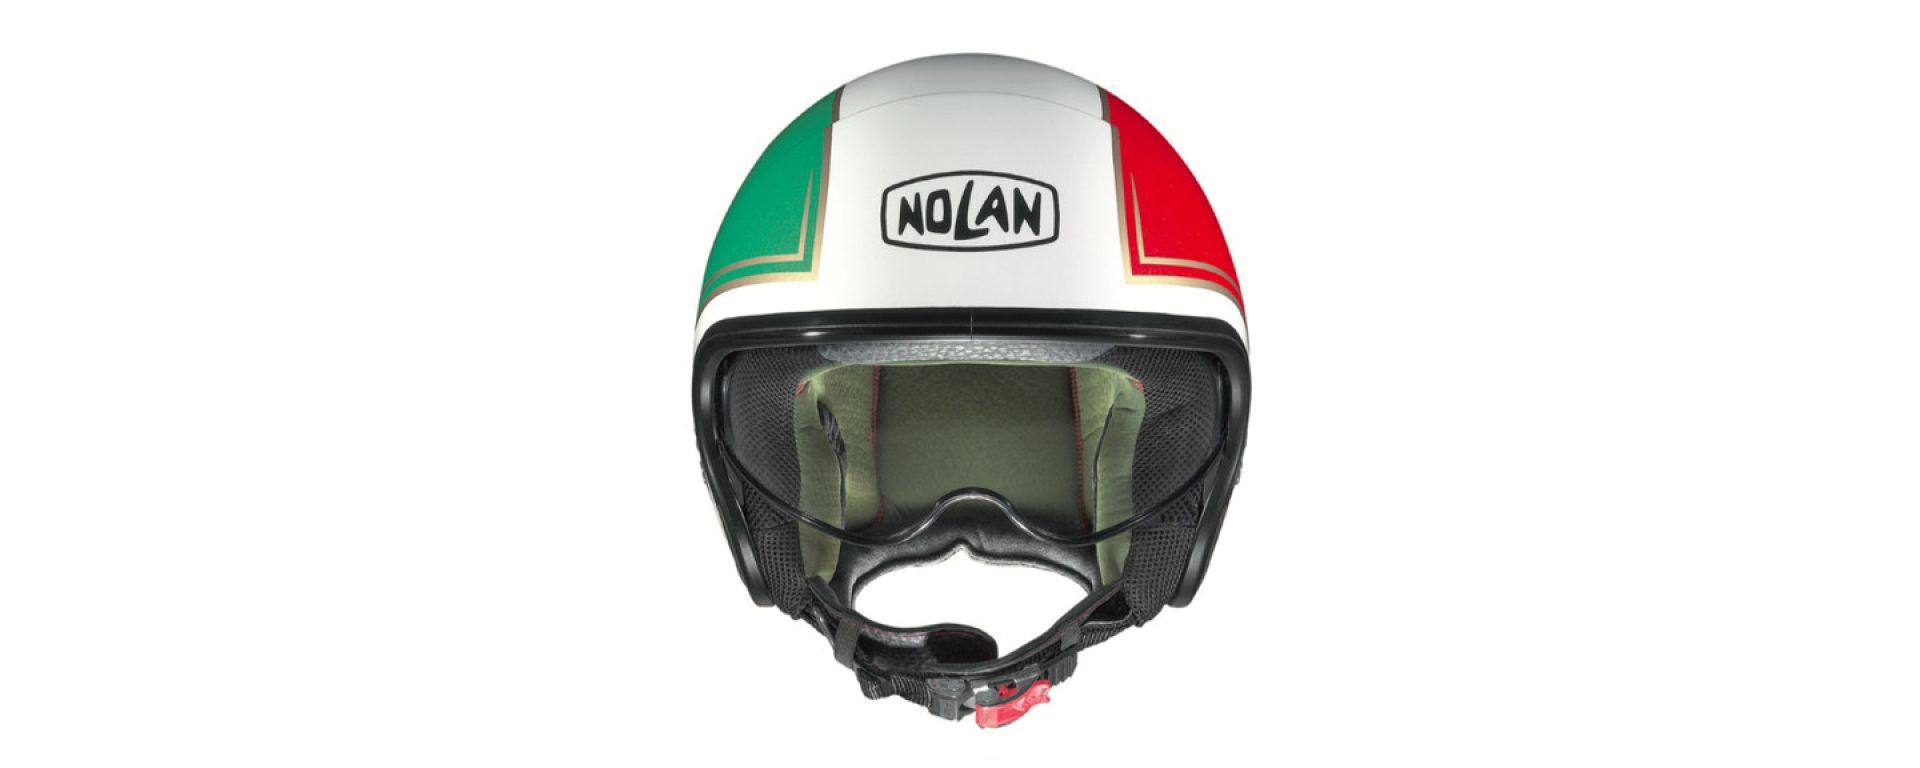 Il casco jet Nolan N21 con livrea tricolore